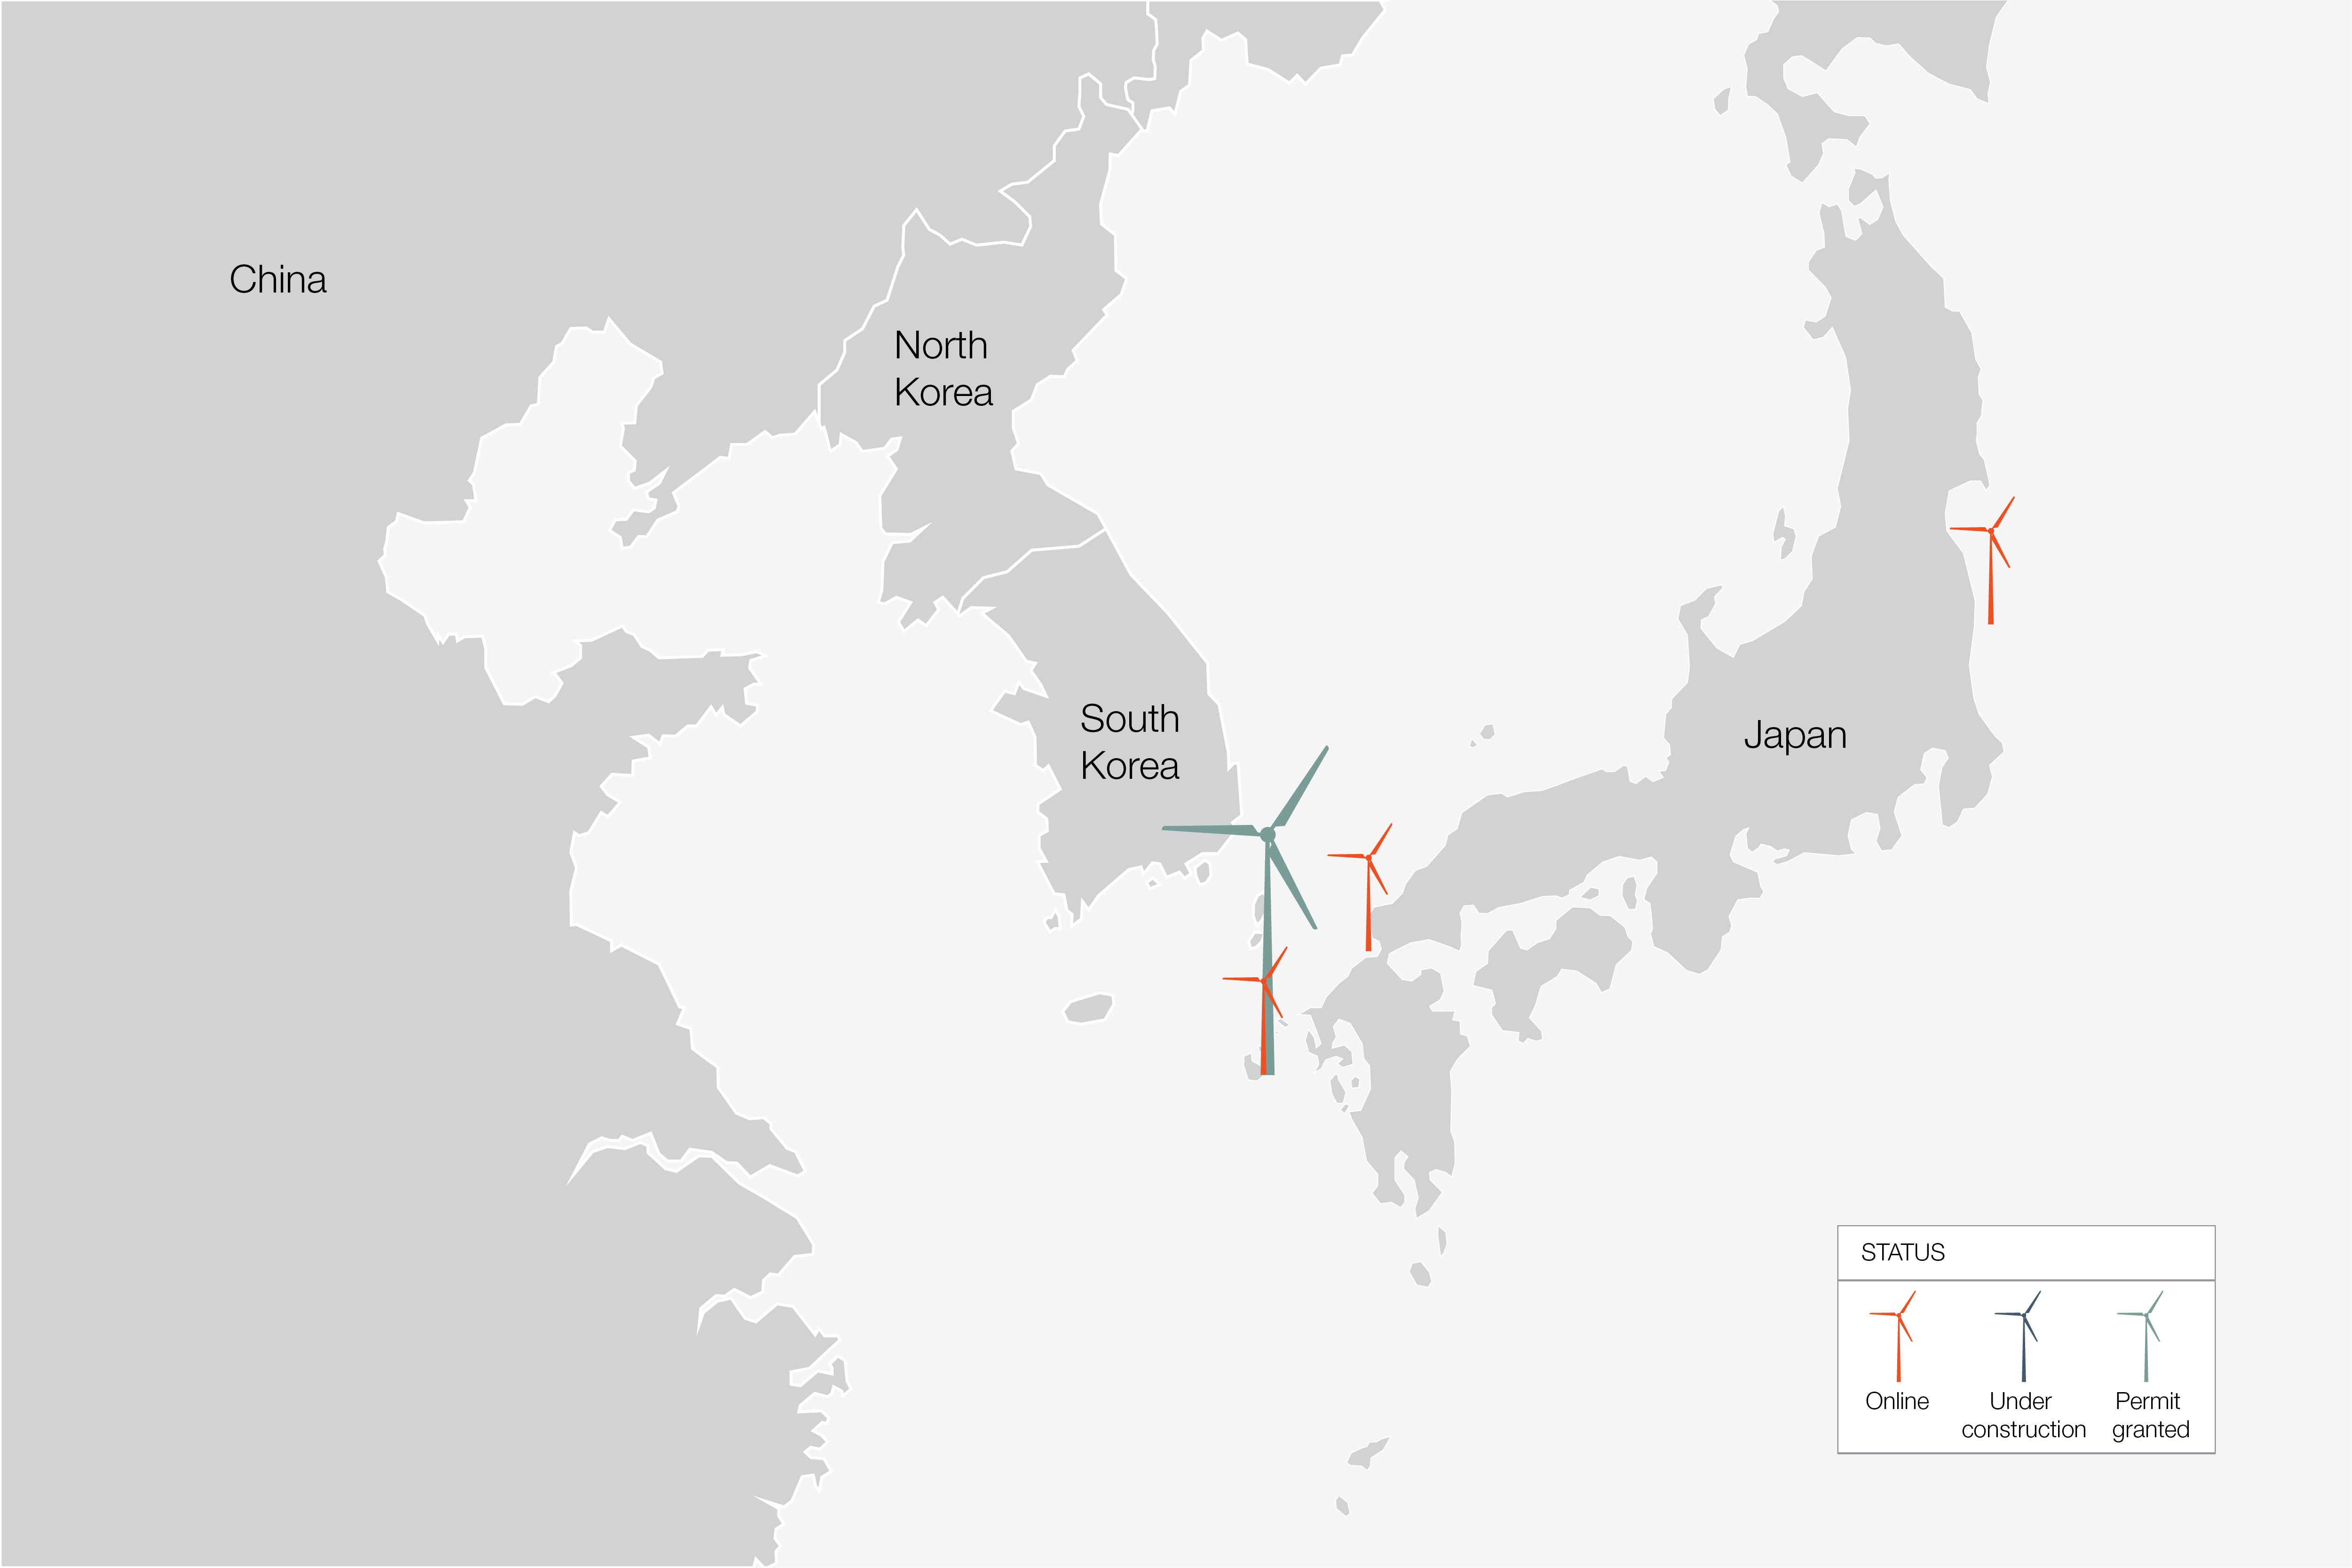 亚洲当前和计划的主要项目和示范